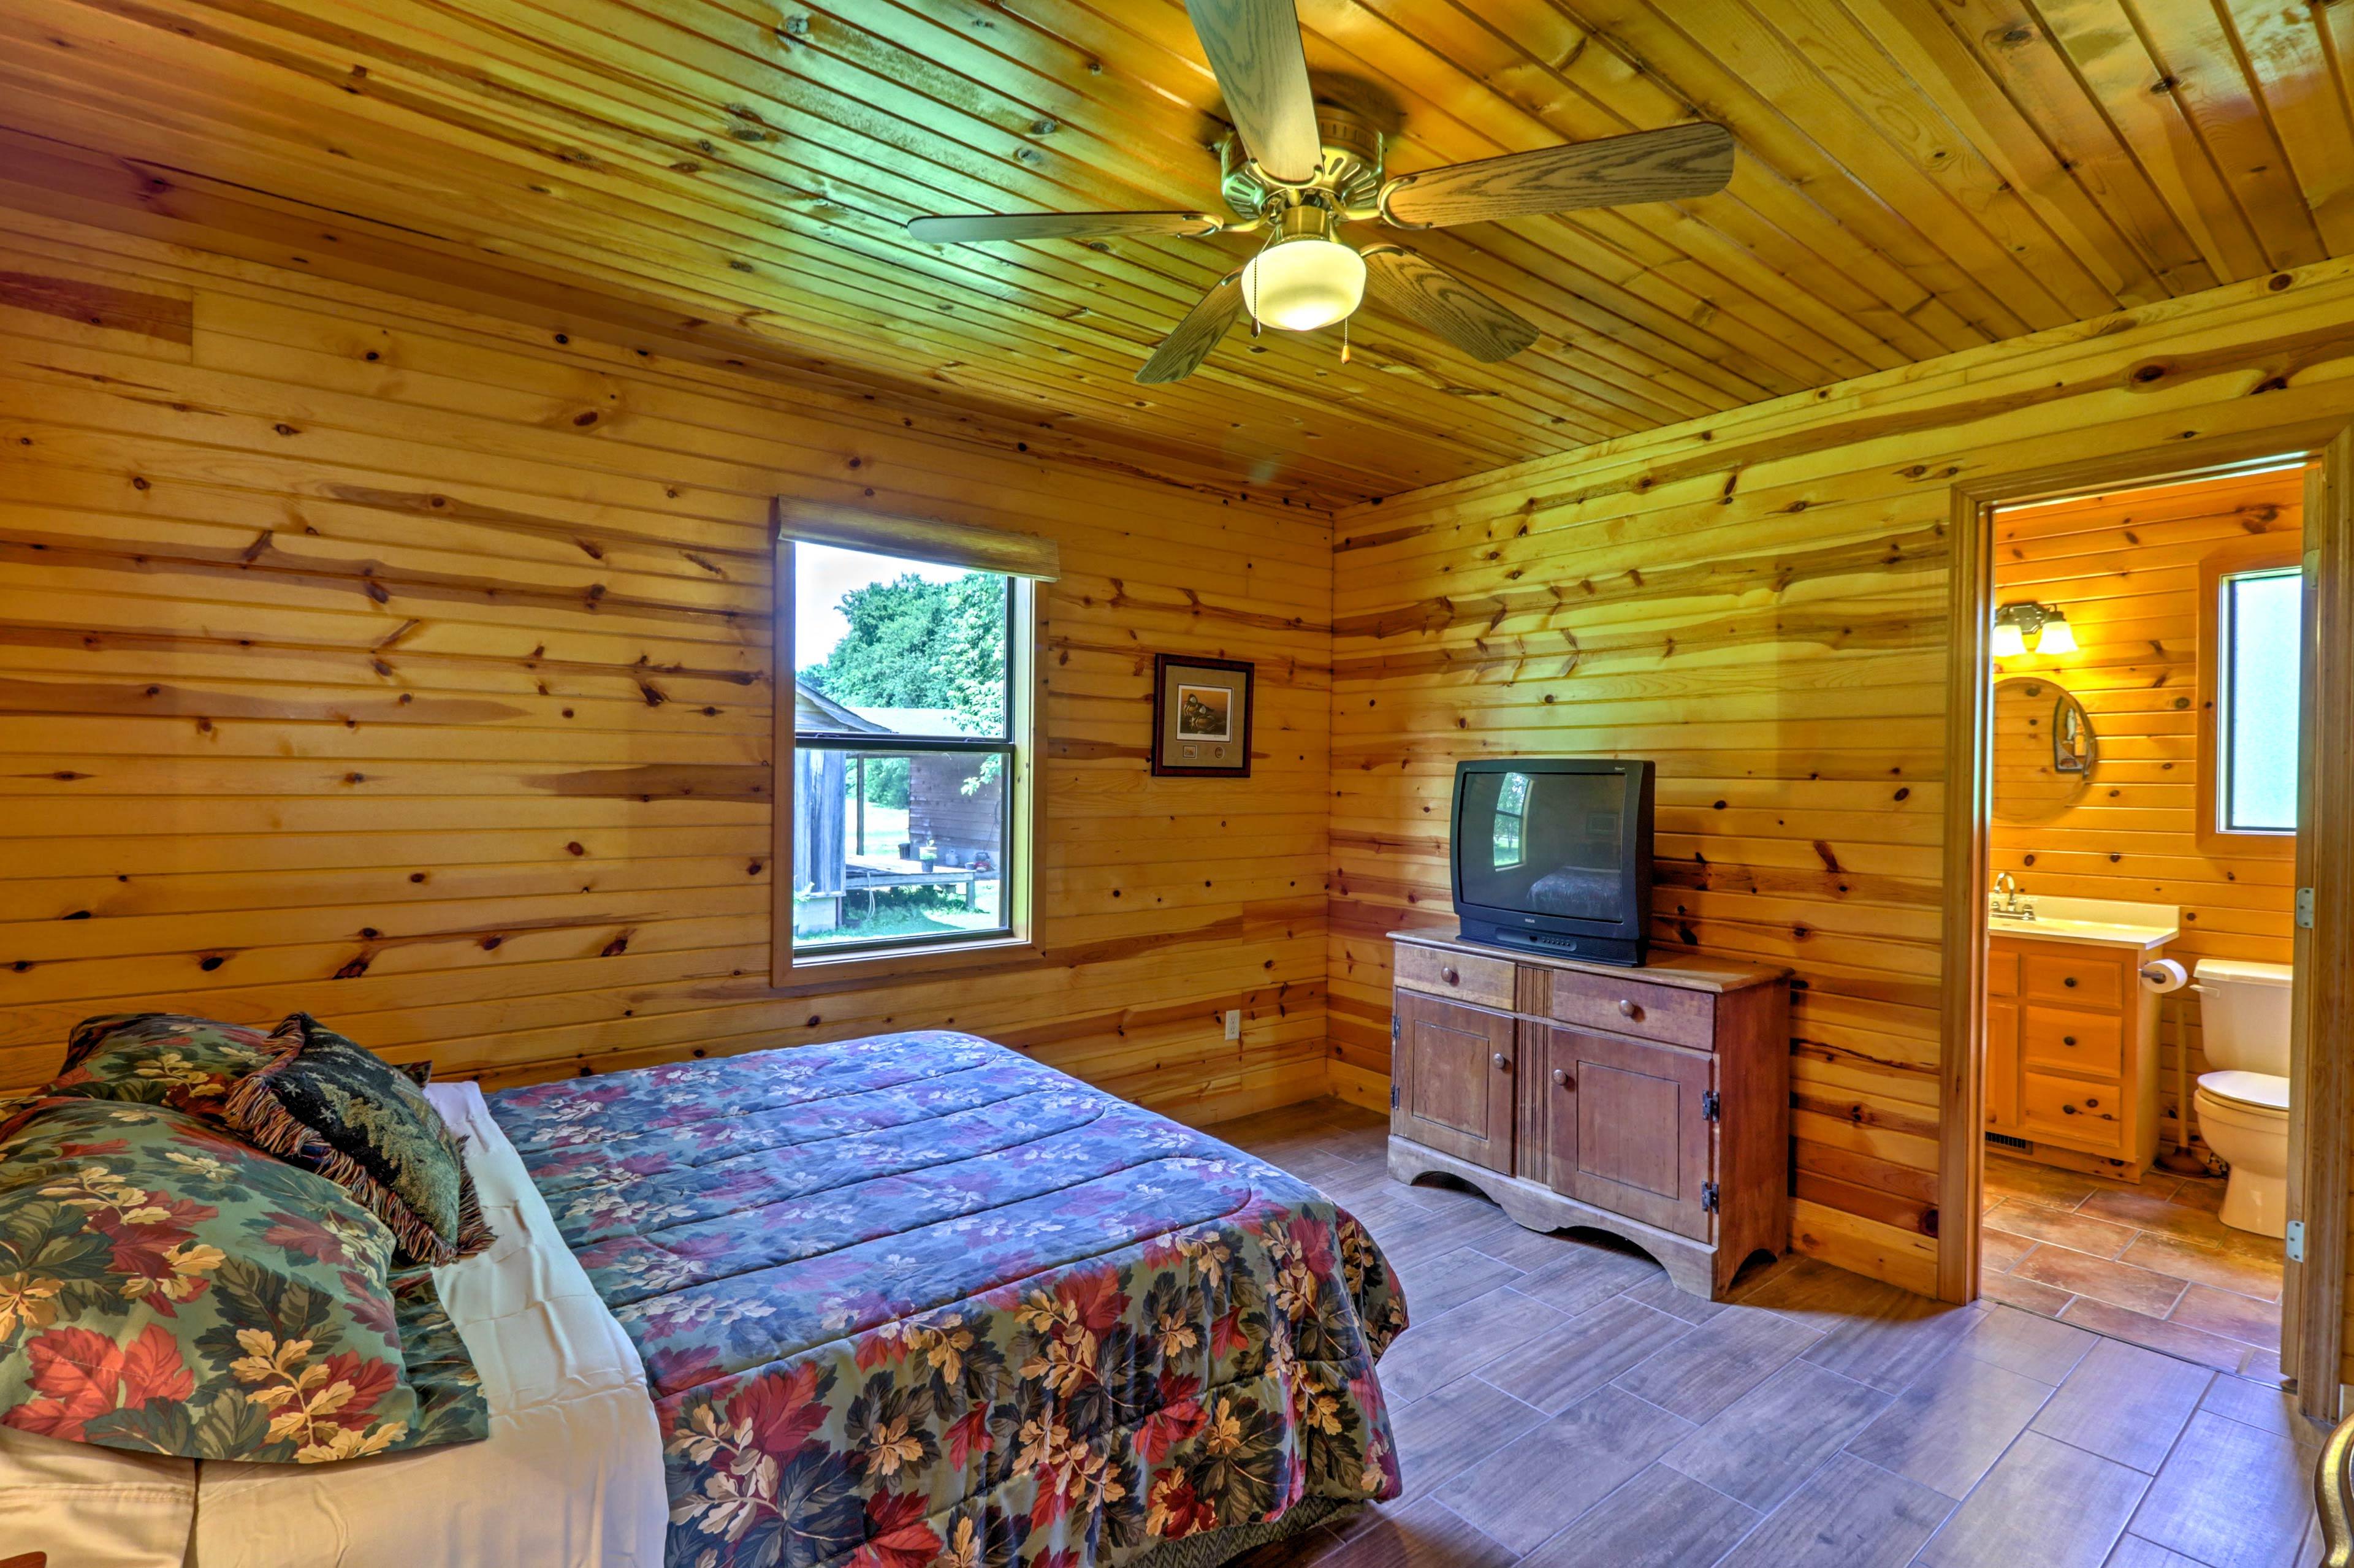 Bedroom 1 | Cable TV | En-Suite Bathroom